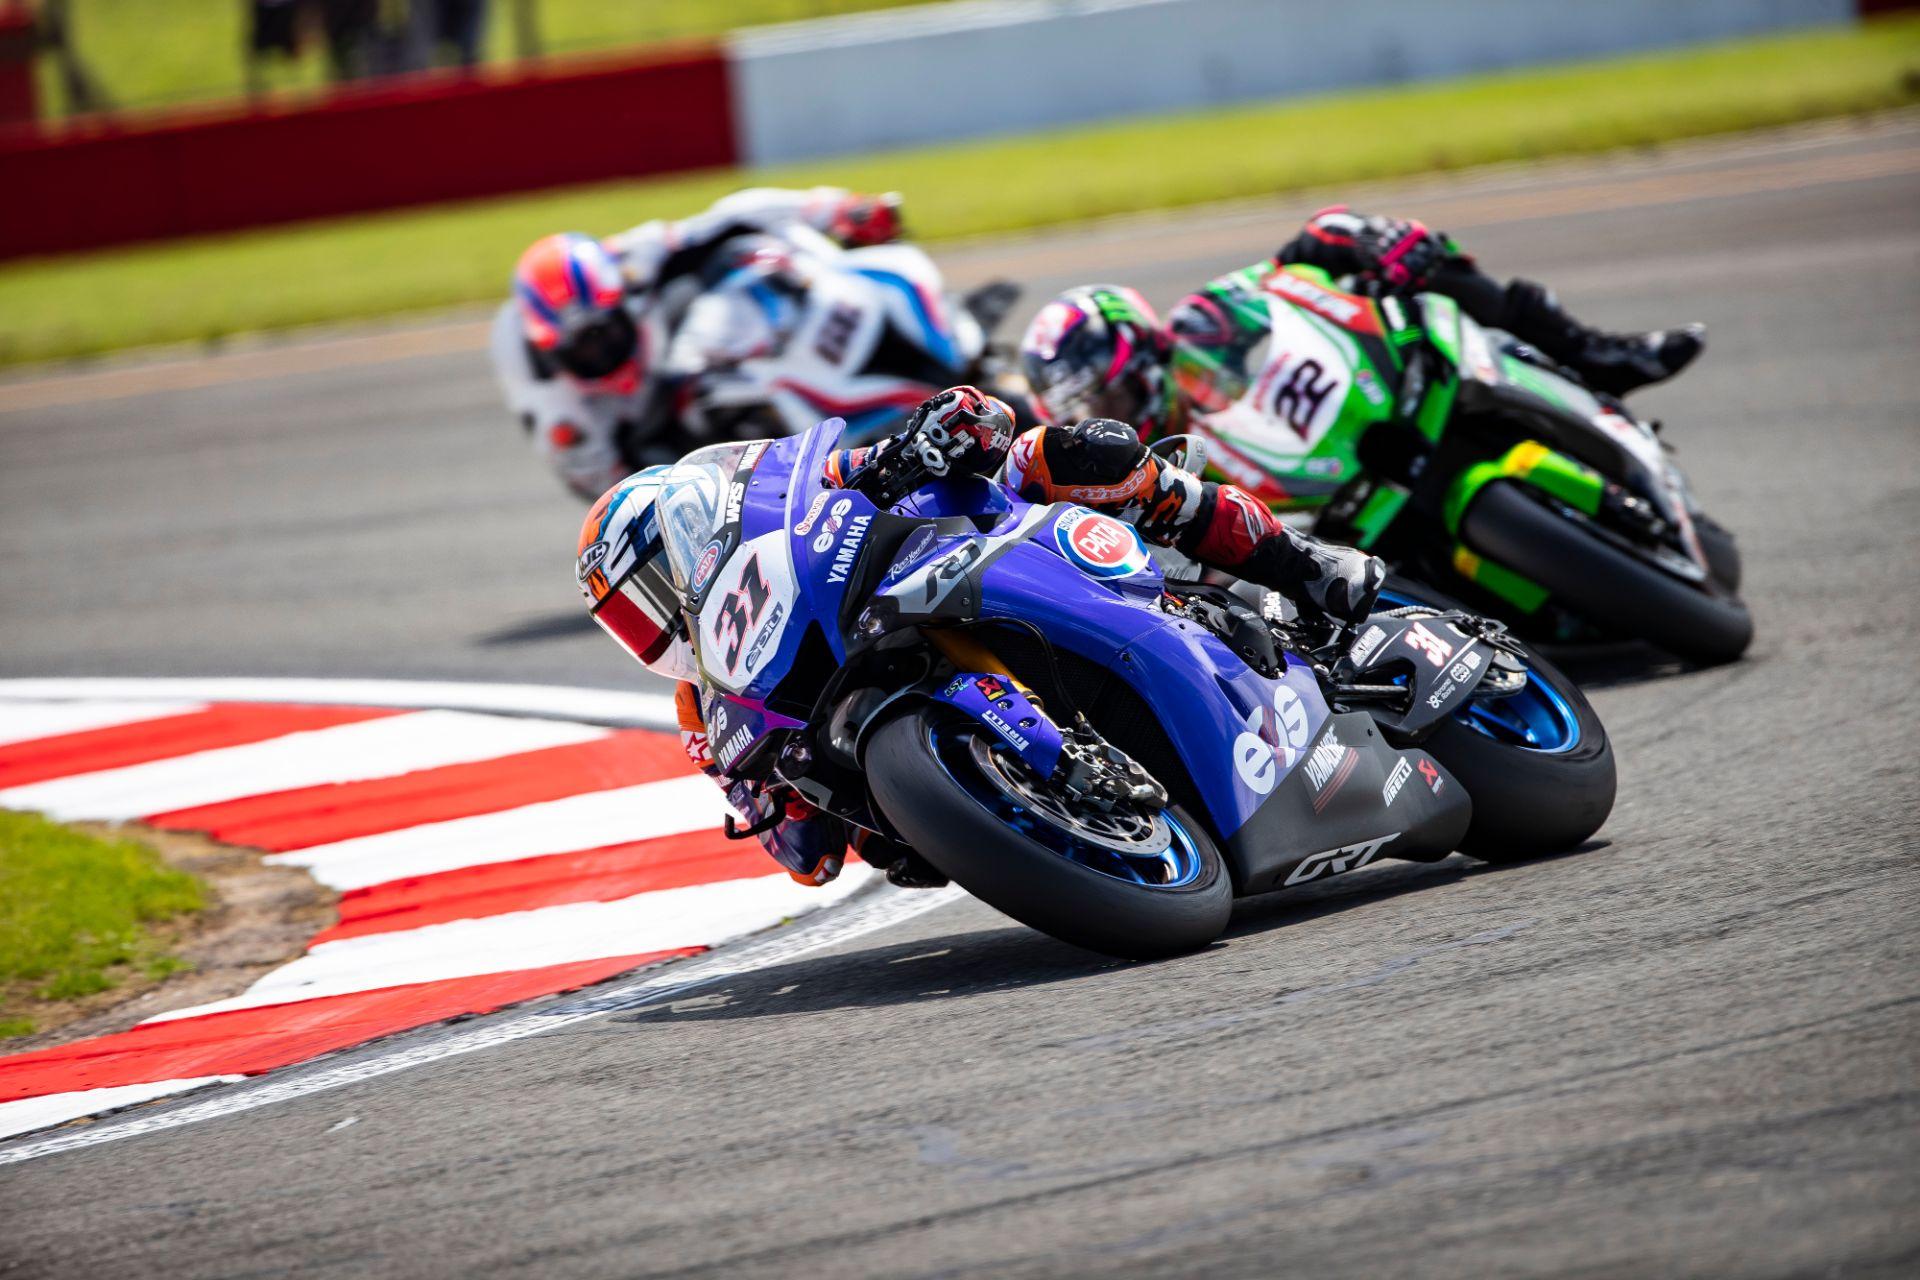 FIM スーパーバイク世界選手権(SBK)イギリス戦 ギャレット・ガーロフ「アッセンのコースの作りは理解出来ている」